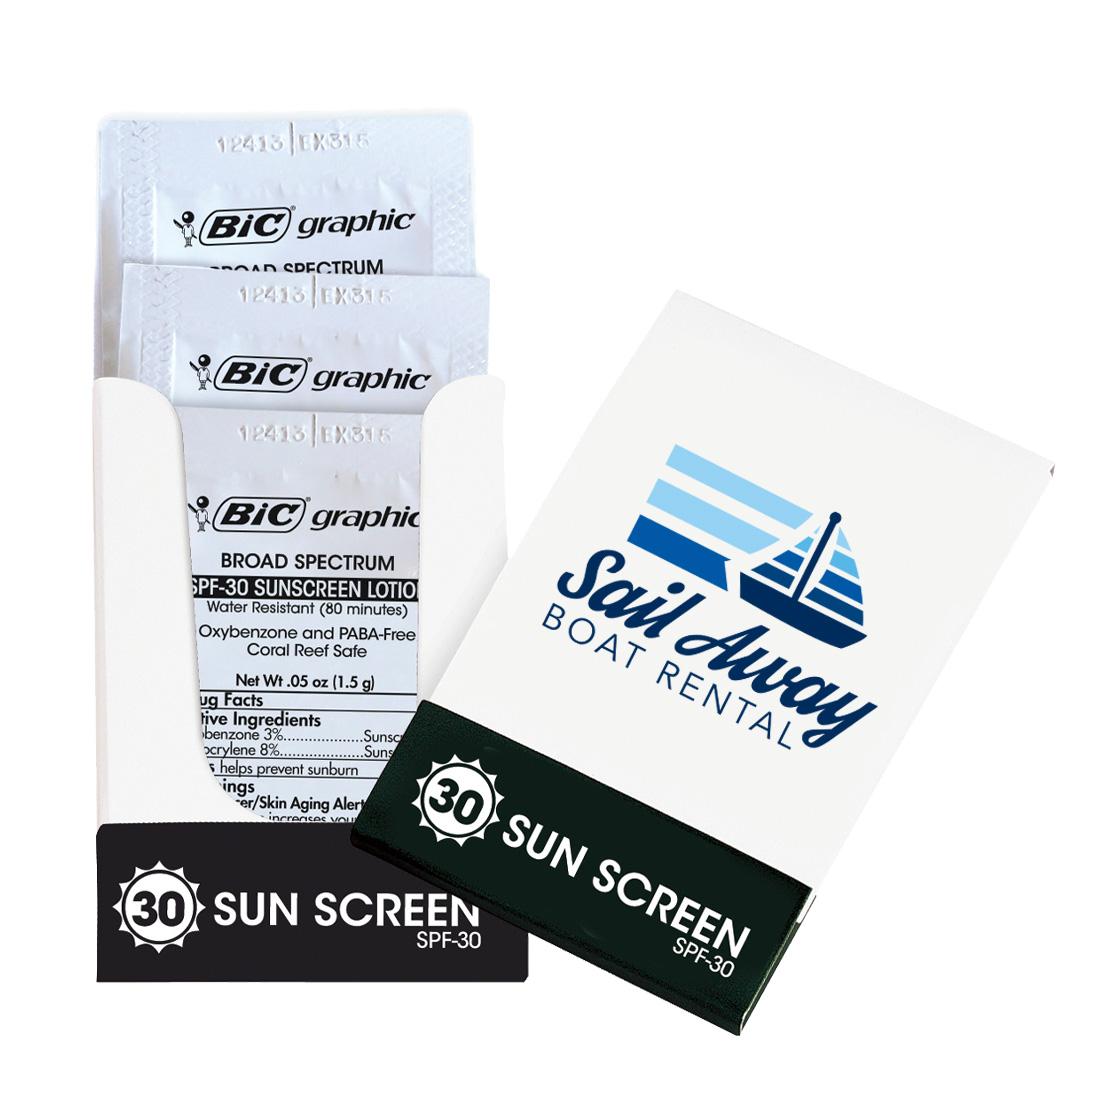 Sunscreen Pocket Pack, SPF-30